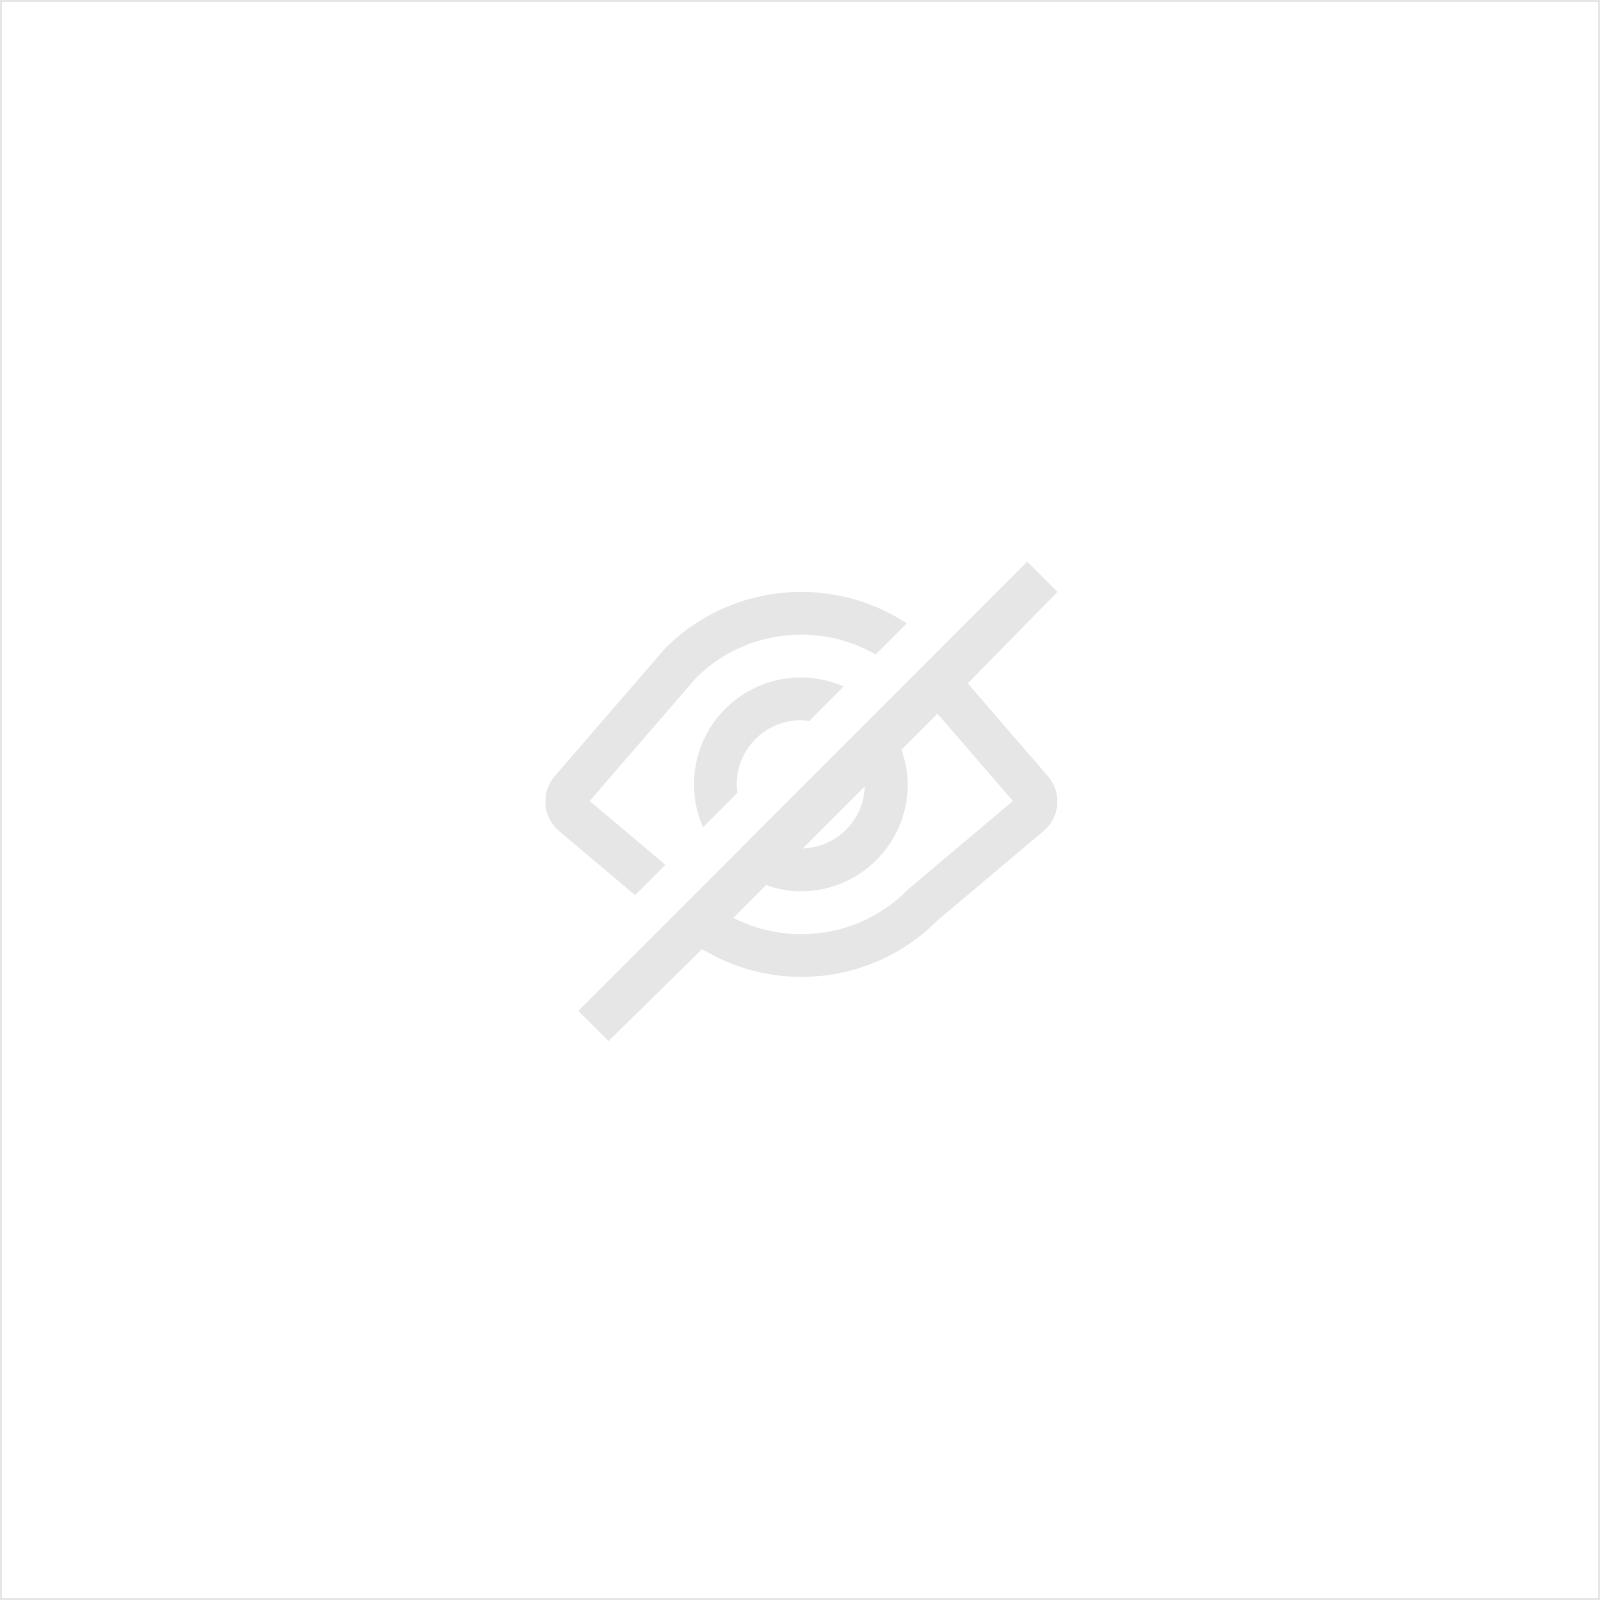 STRAALMIDDEL GARNET 'FIJN' VOOR STRAALDRUKKETEL 25 KG